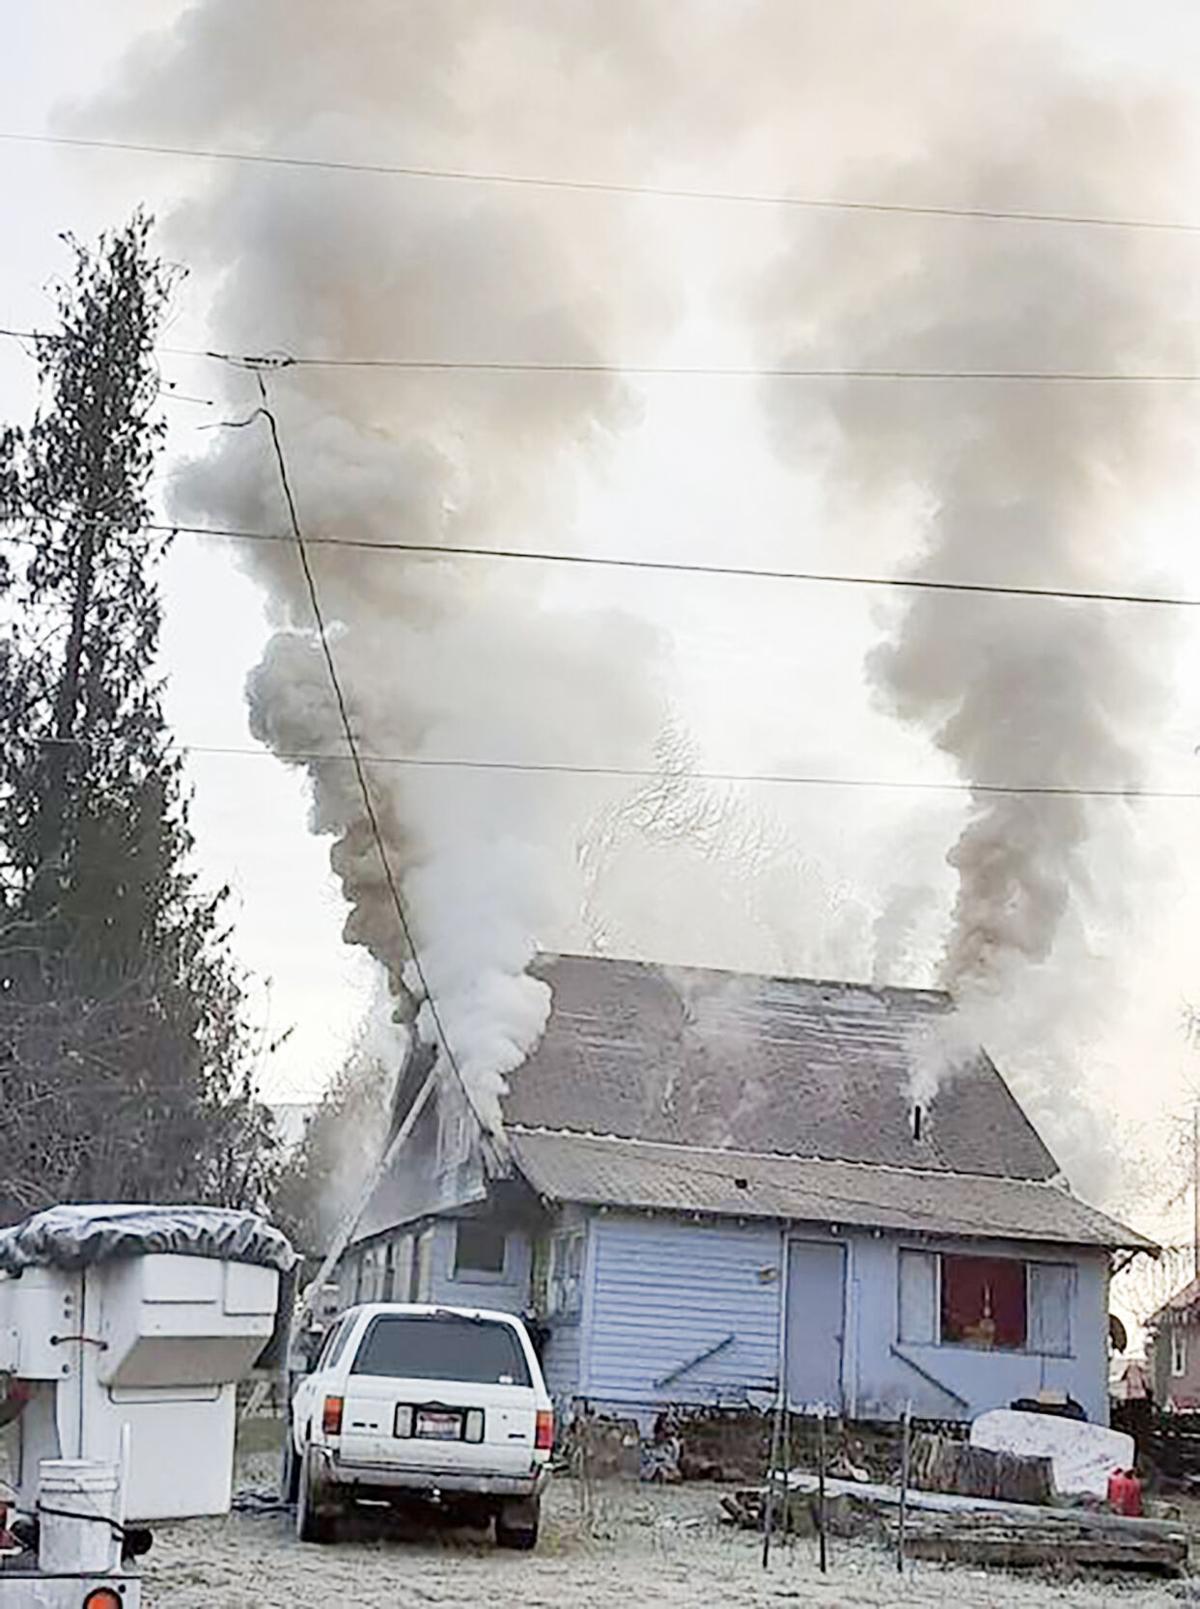 Hill Street fire photo 2